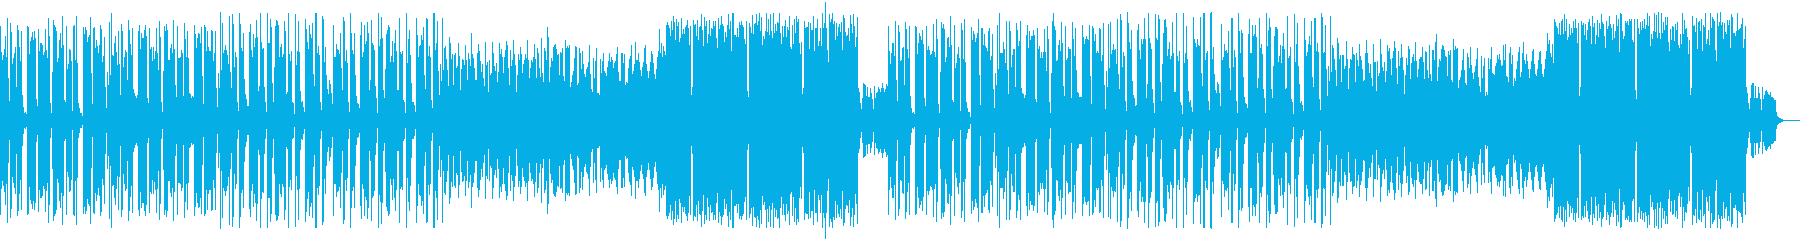 K-POP風ちょっぴりダークでクールな曲の再生済みの波形